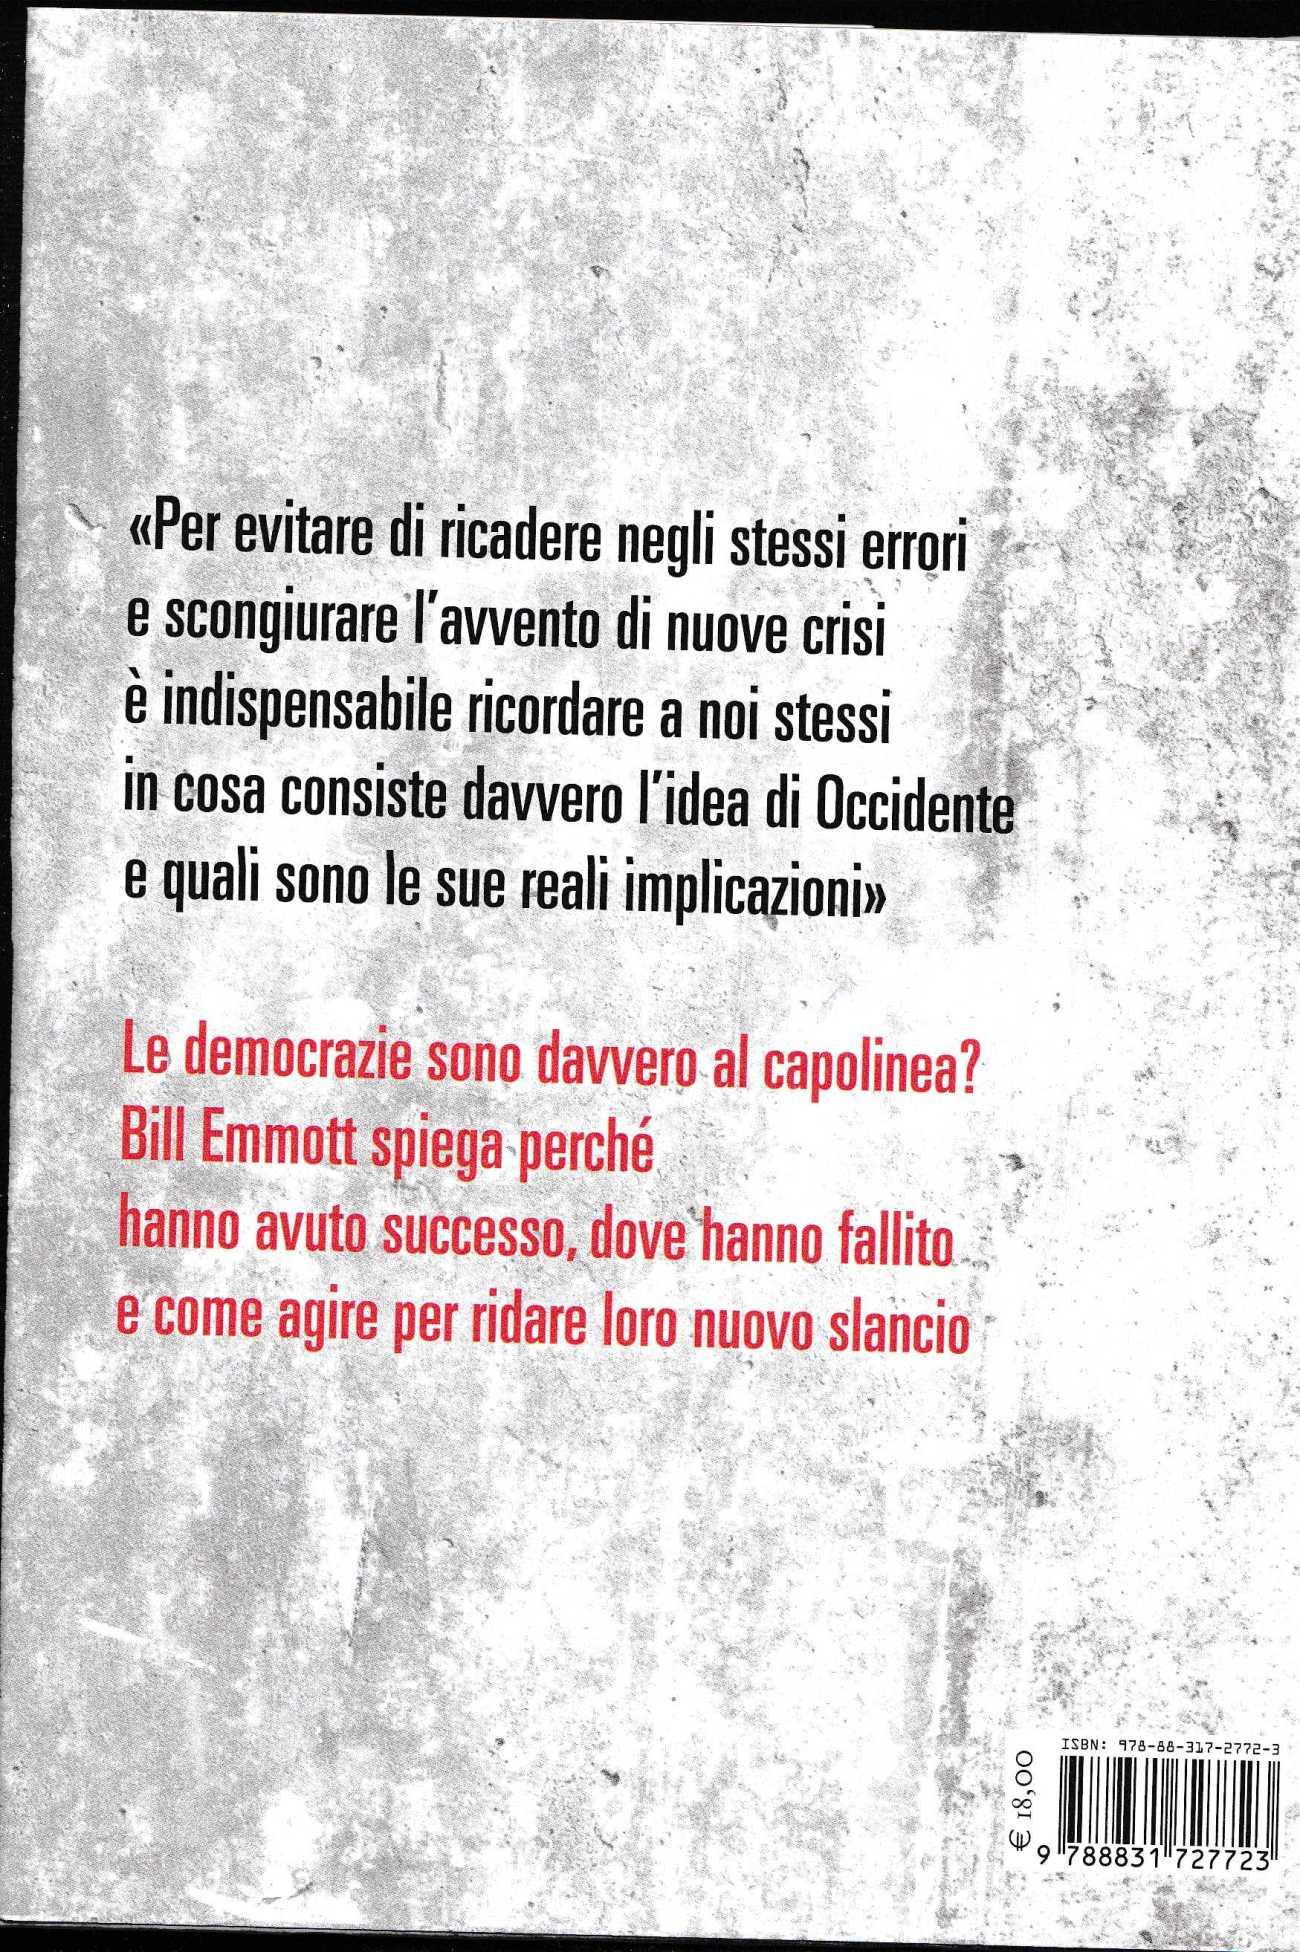 EMMOTT DESTINO OCCIDENTE2171